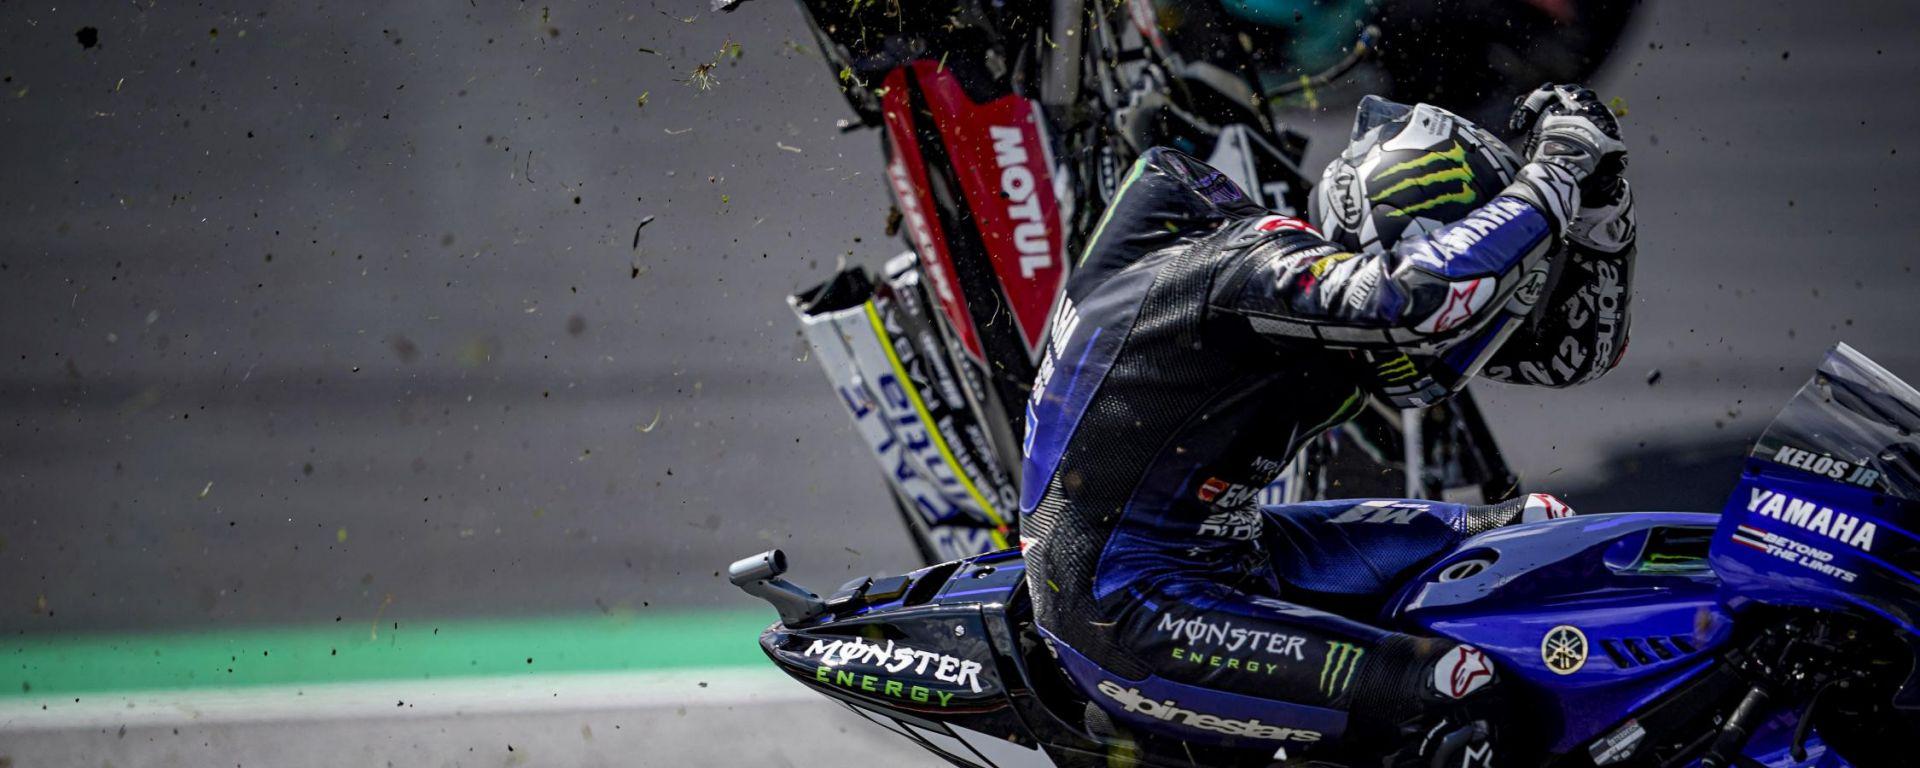 GP Austria 2020, Spielberg: Maverick Vinales (Yamaha) sfiorato dalla moto di Johann Zarco (Ducati)